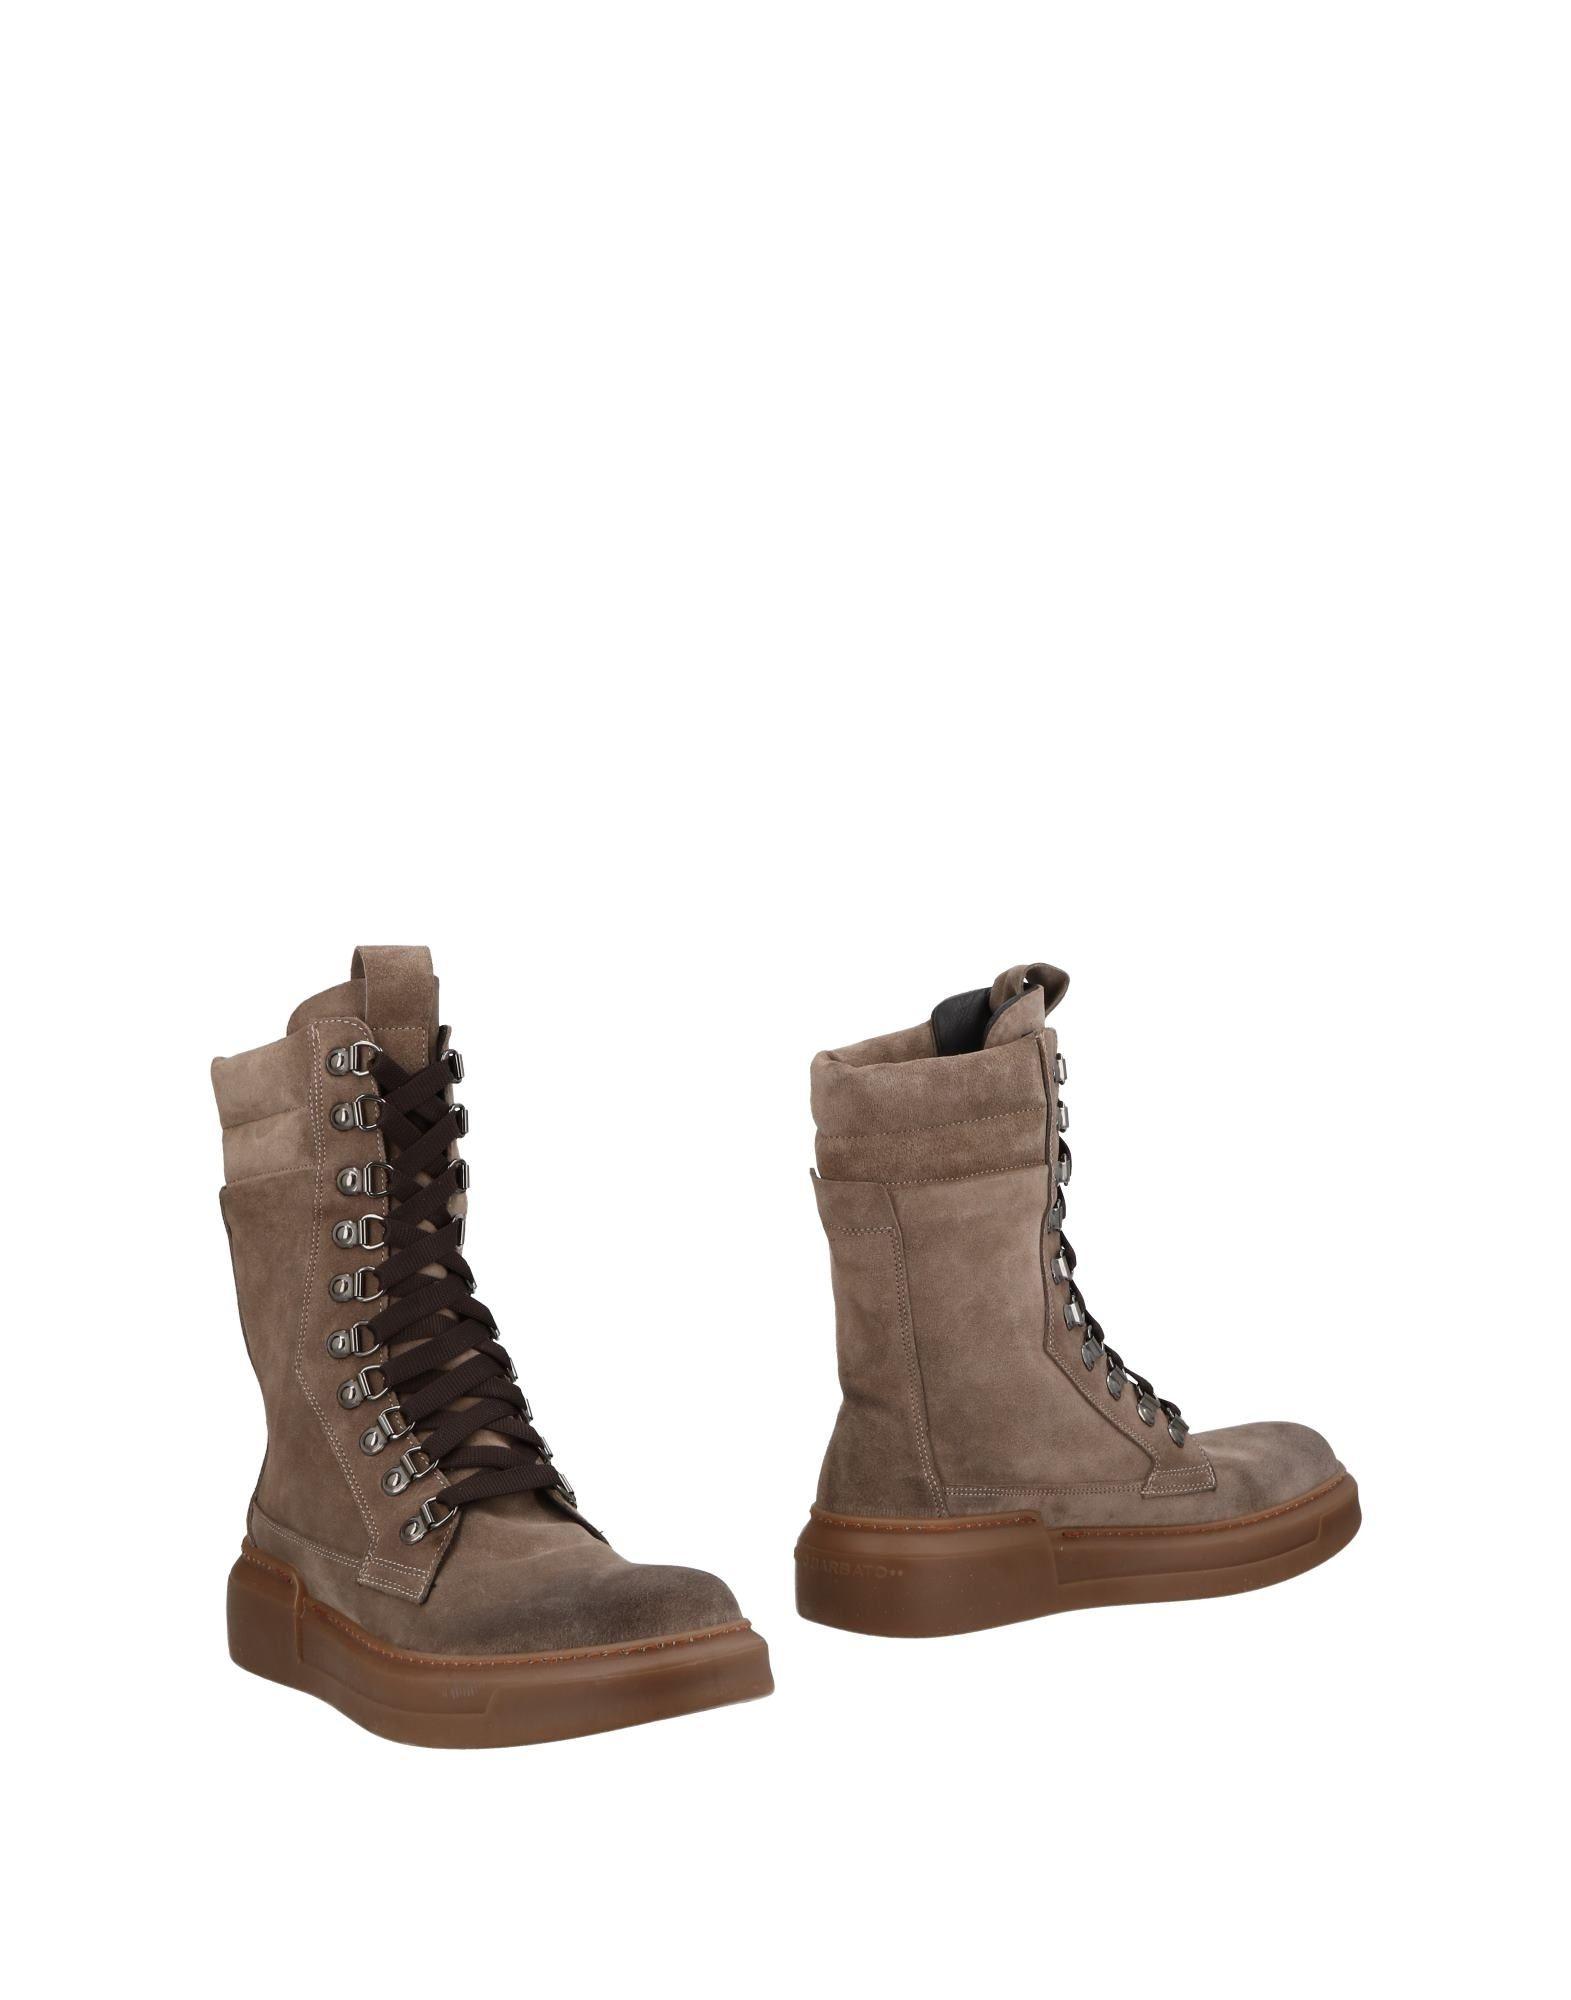 SAVIO BARBATO Boots in Khaki